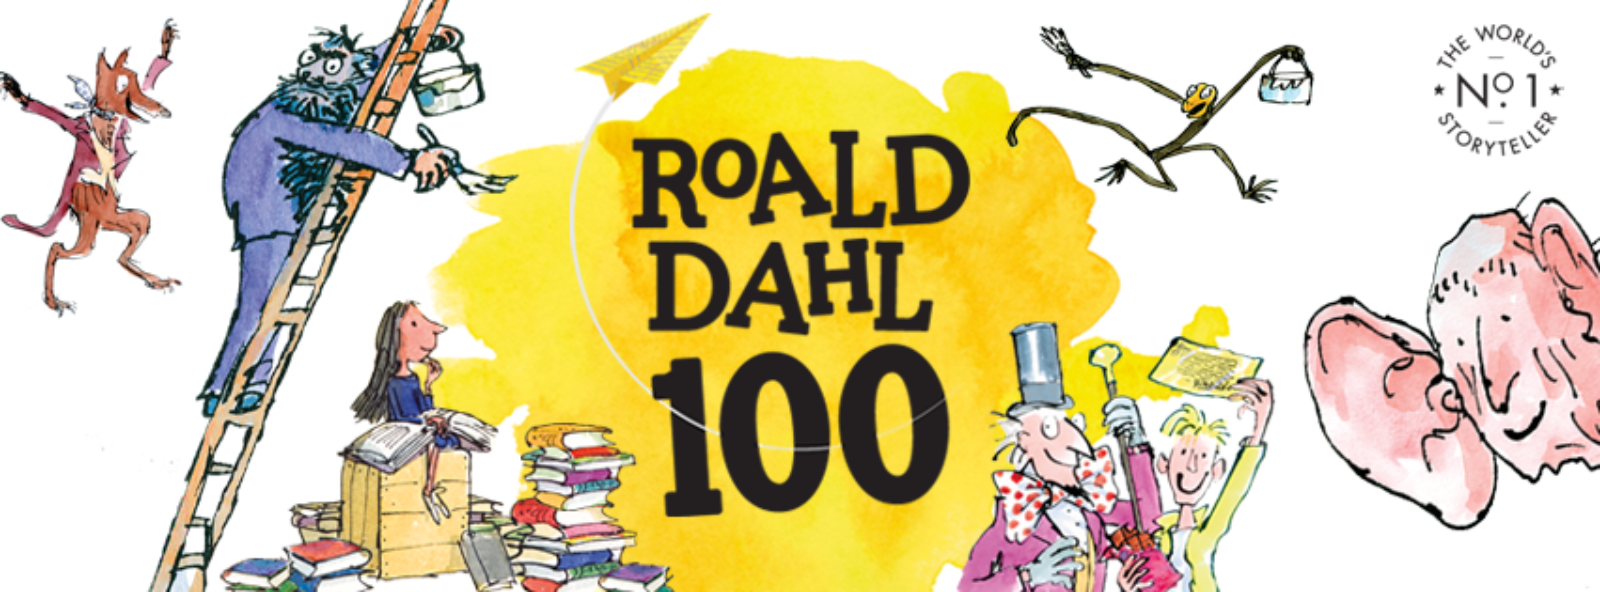 Roald Dahl a 100 ans mais ne vieillit pas – Lecture obligée !